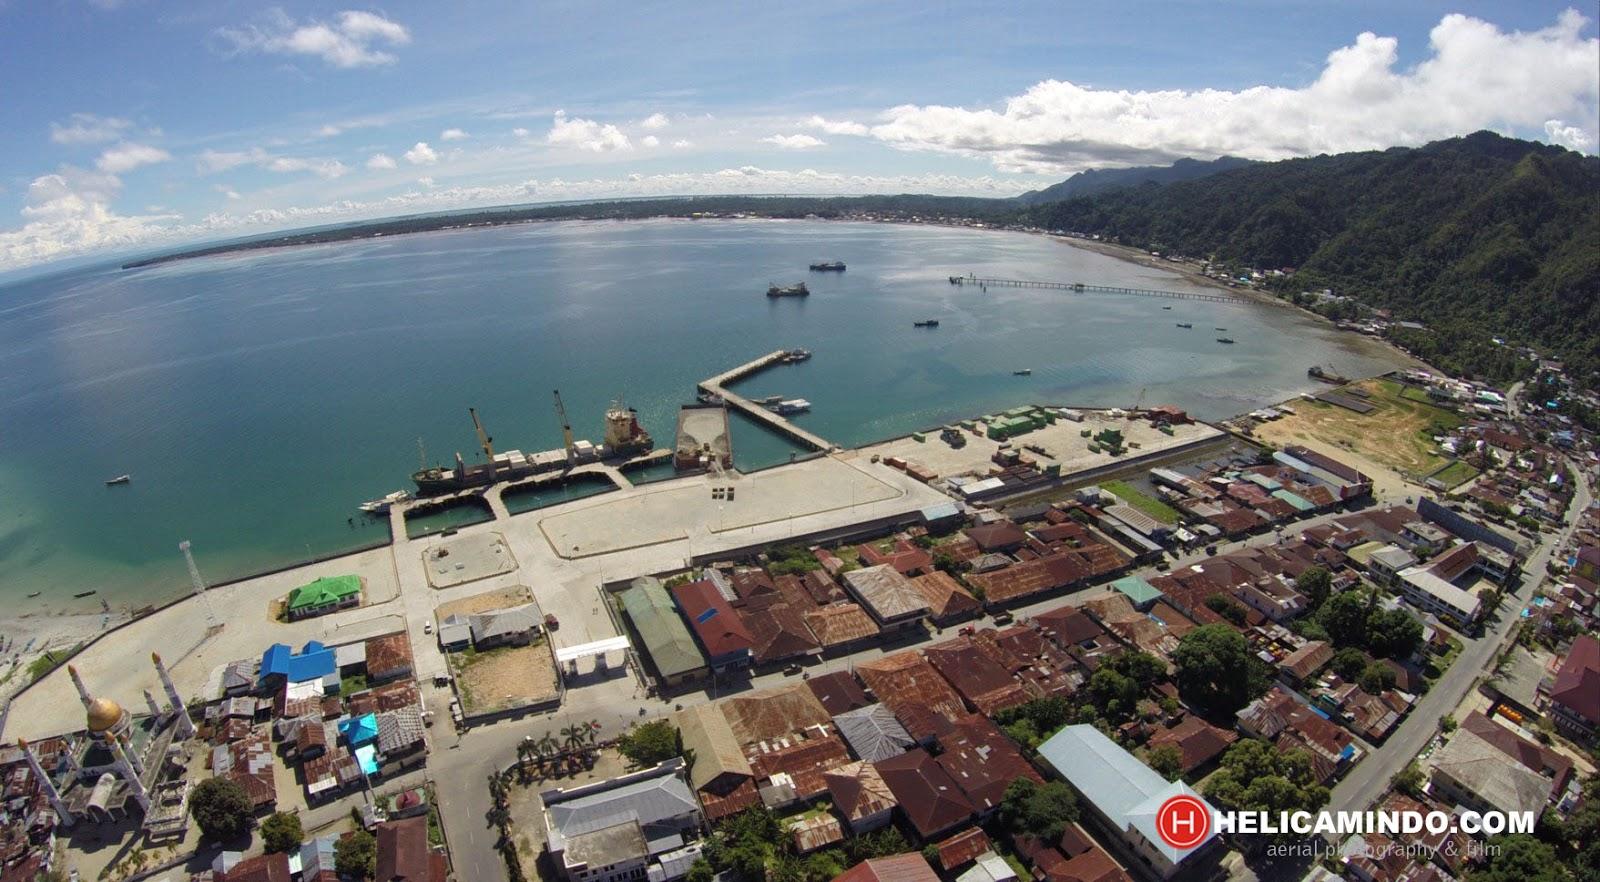 Mengintip Potensi Pariwisata Di Kota Senja Kaimana Papua Barat Fotografi Sinematografi Dan Pesona Indonesia